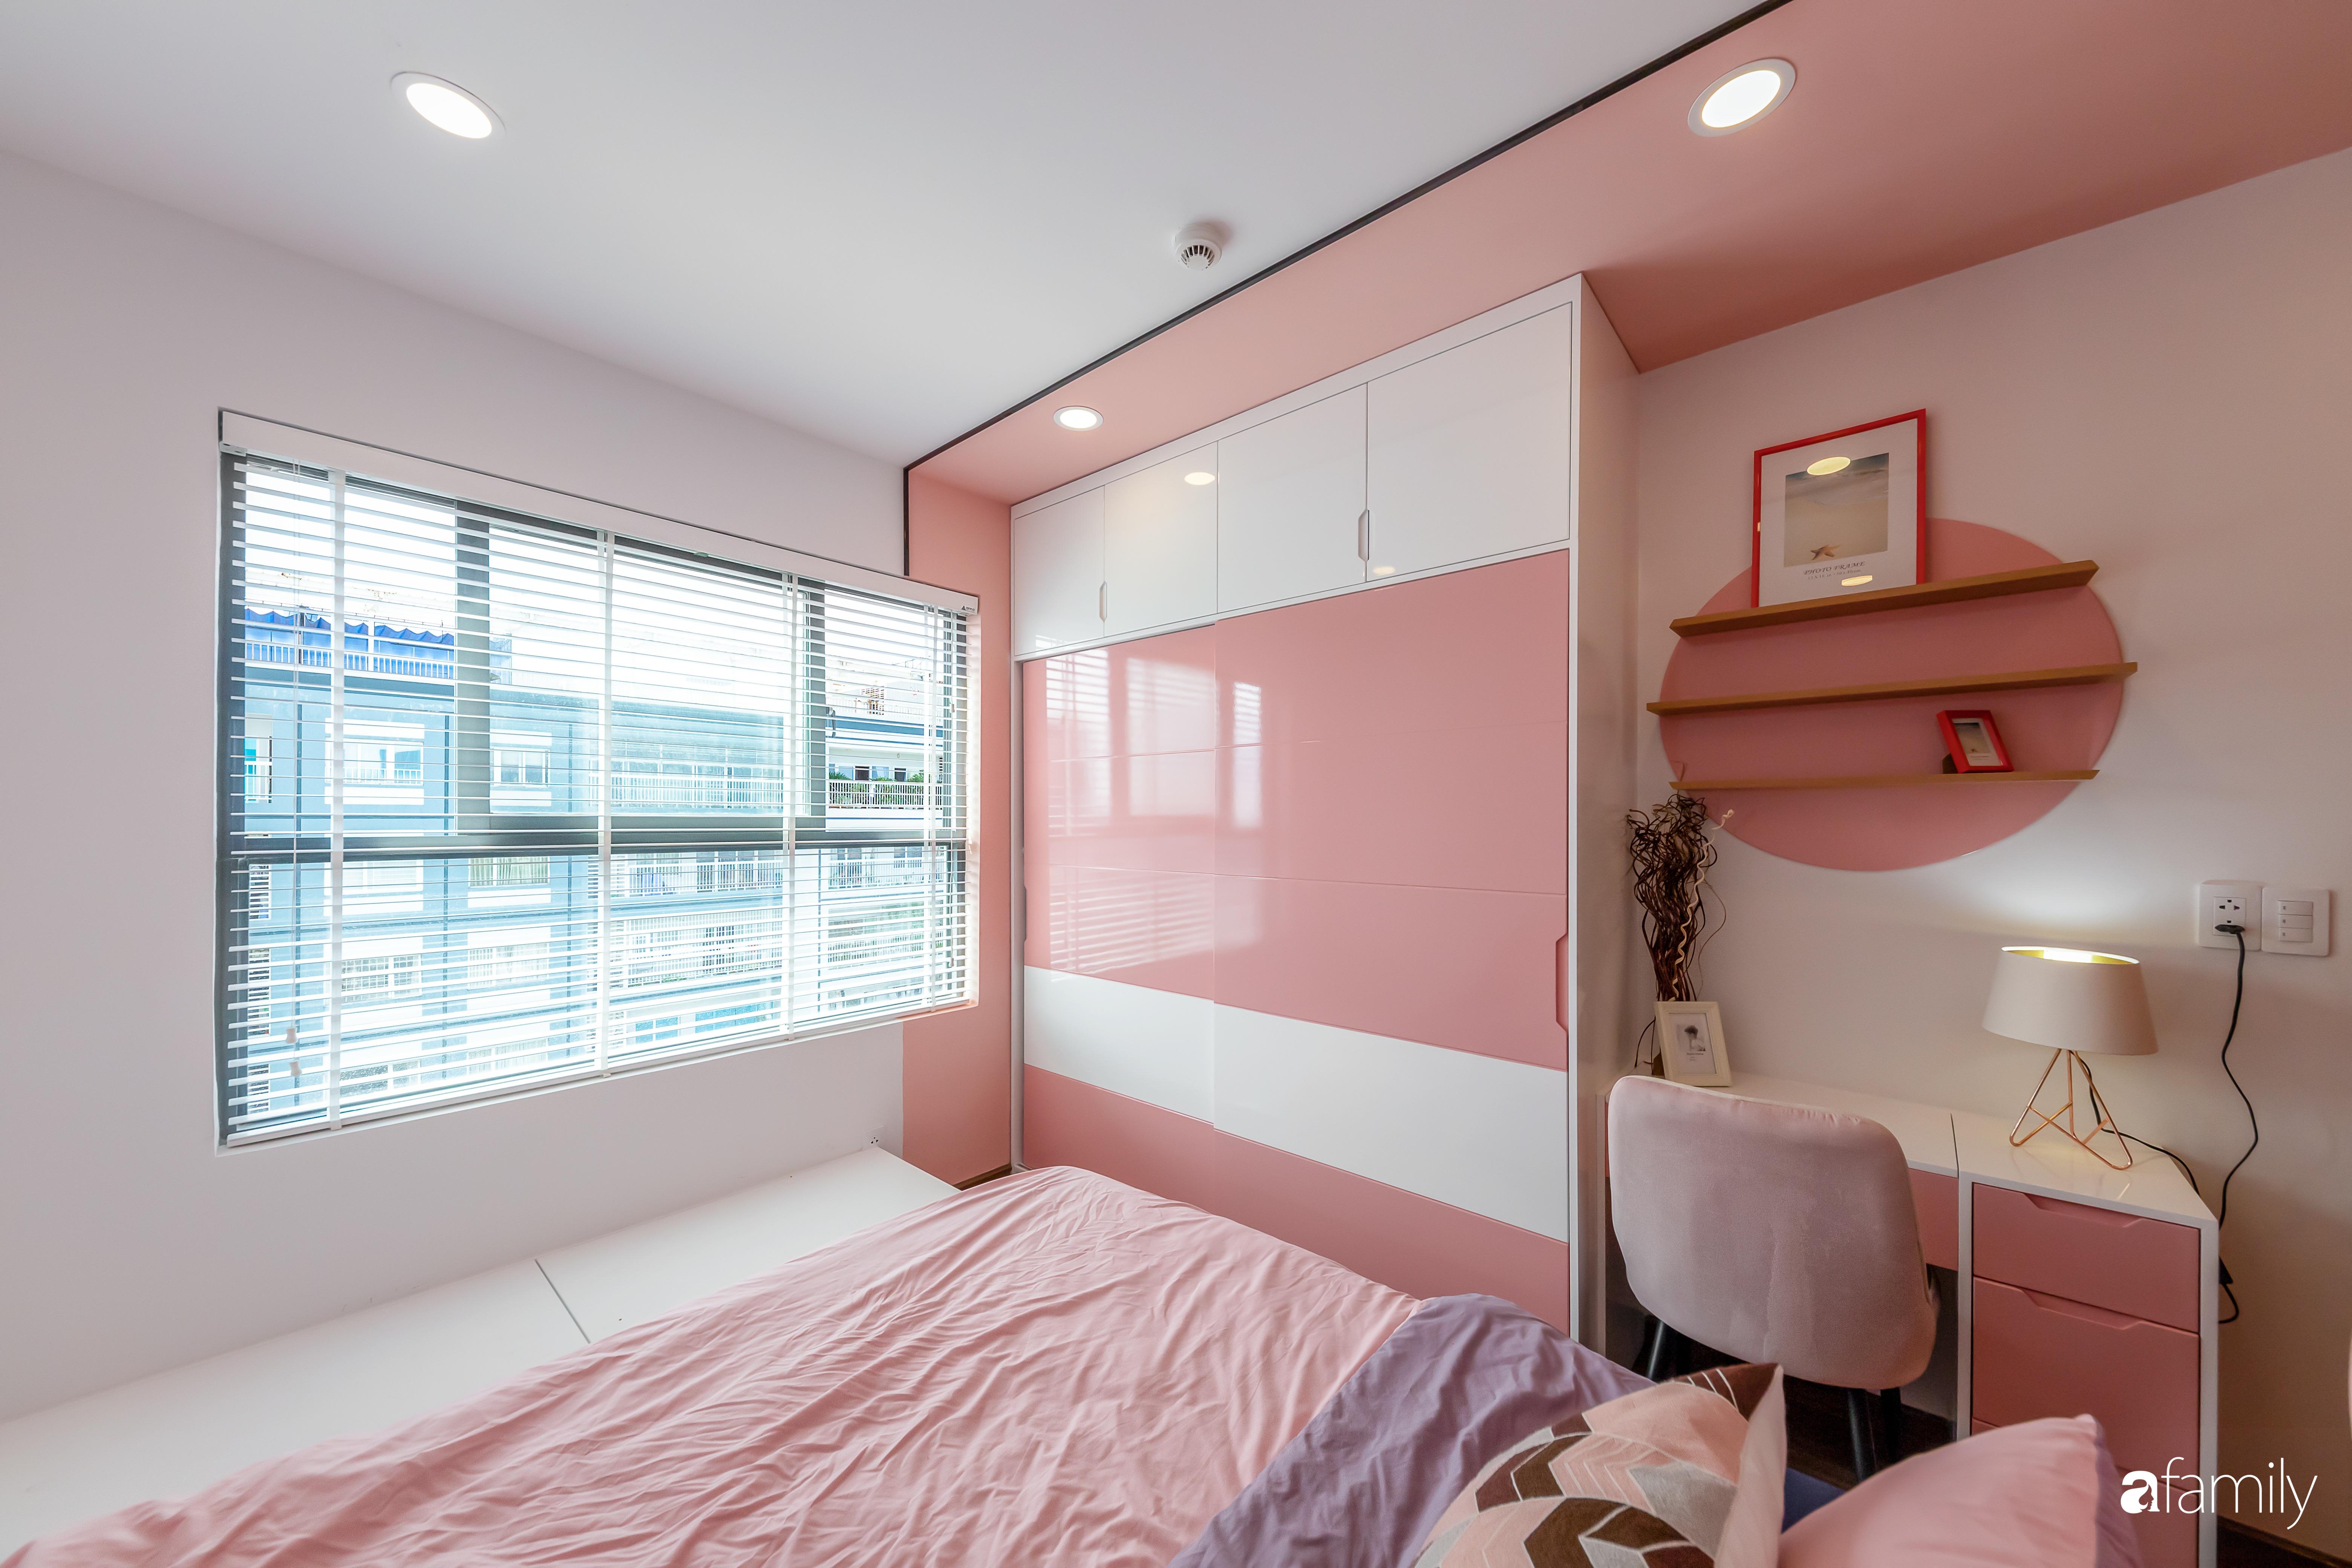 Căn hộ 100m² ngọt ngào khi chọn sắc hồng làm màu chủ đạo có chi phí hoàn thiện 450 triệu đồng ở TP HCM - Ảnh 13.